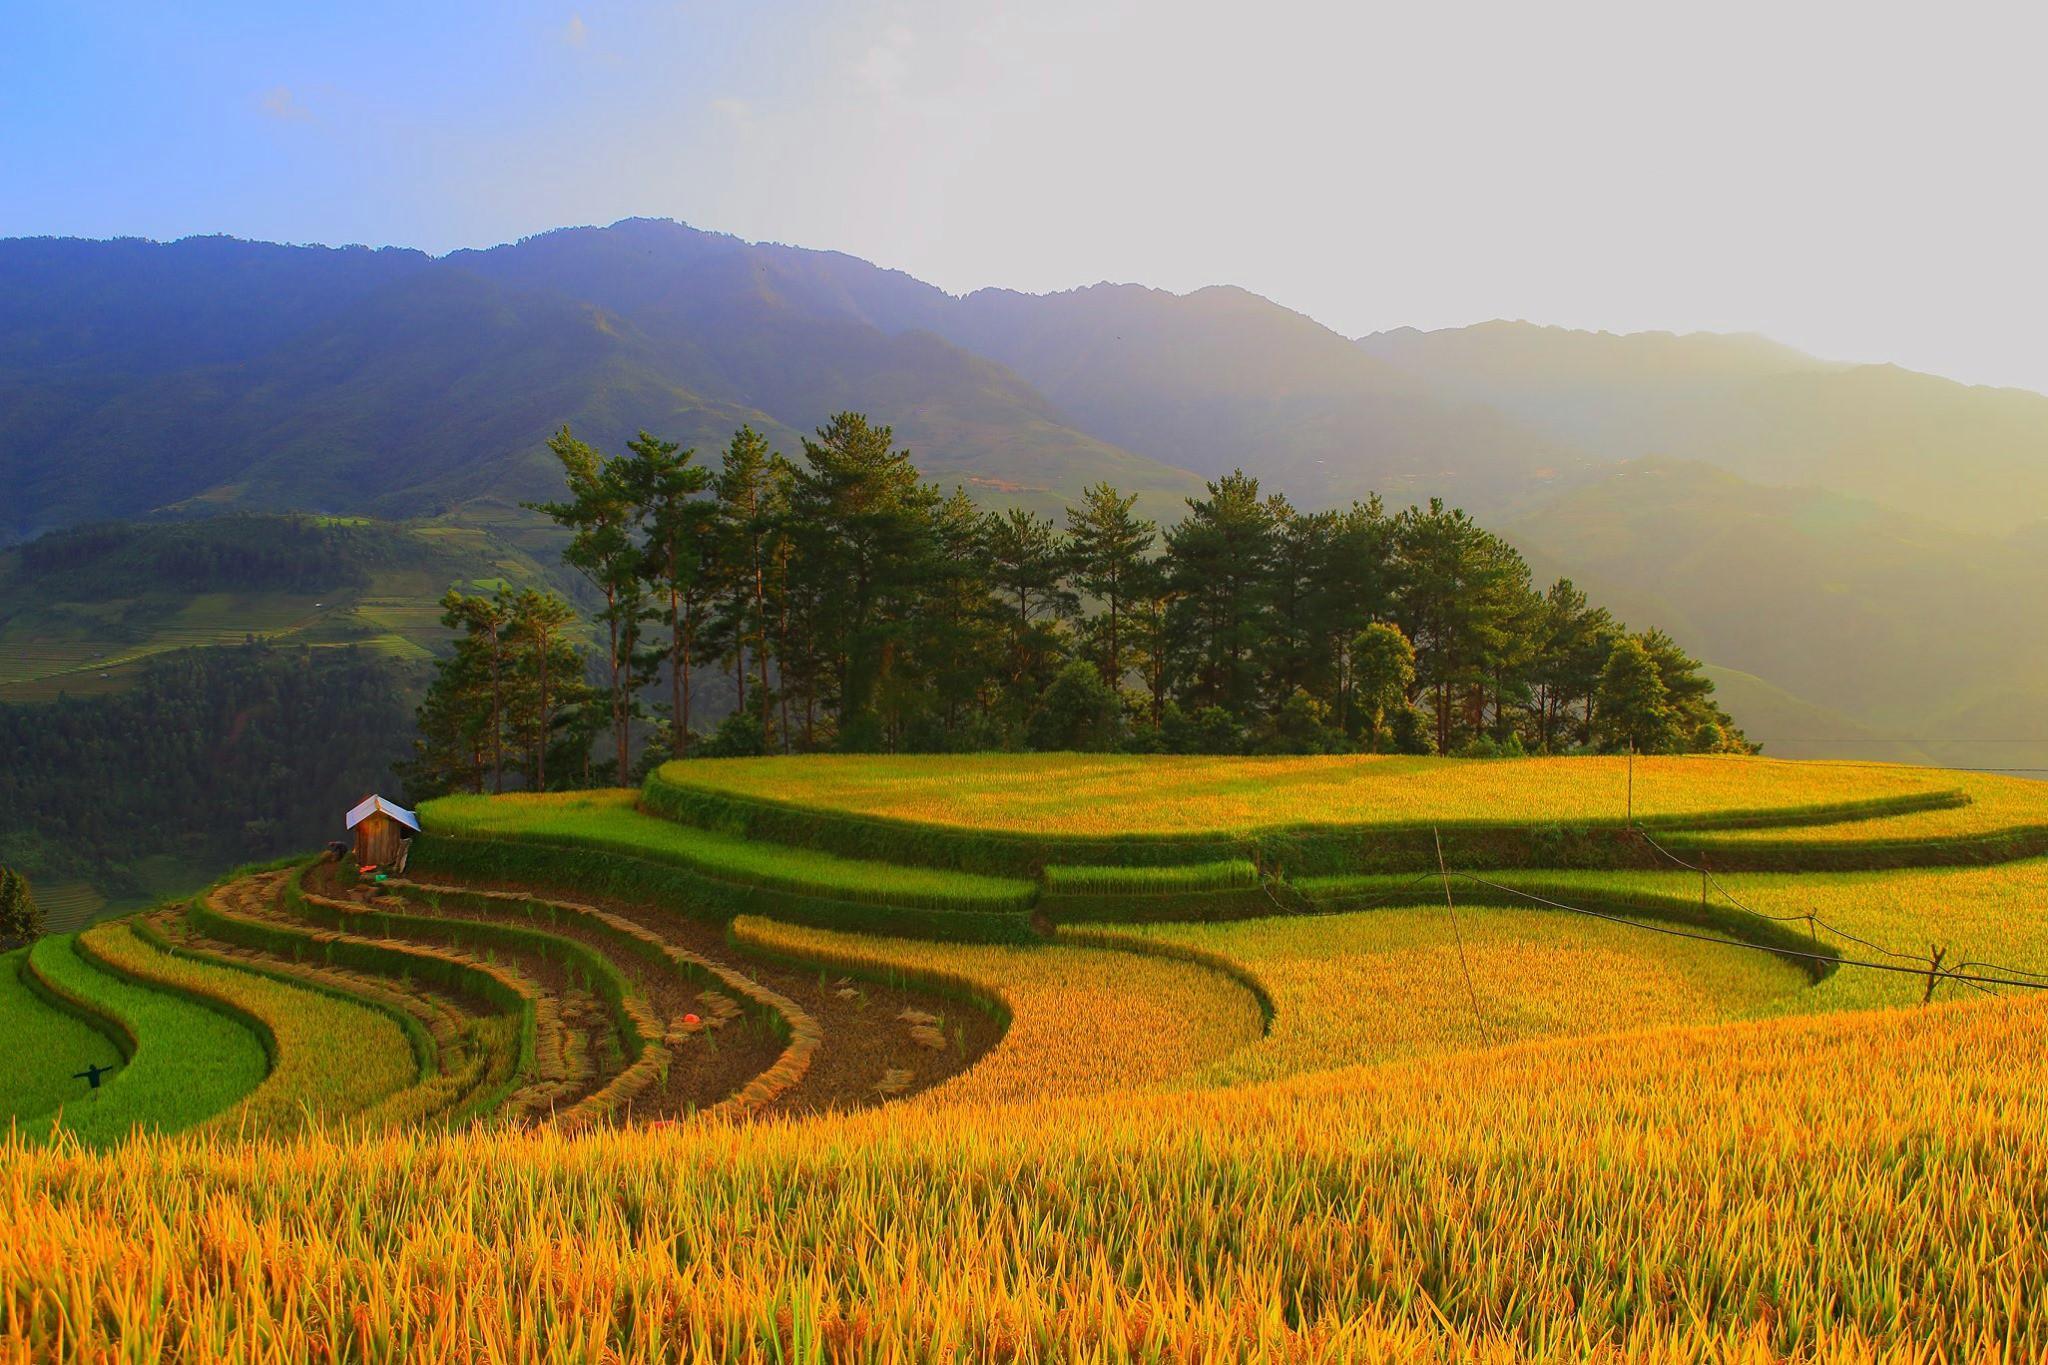 Ảnh dự thi 'Việt Nam trong tôi': Vẻ đẹp Sáng Nhù - Mù Cang Chải Ảnh 2